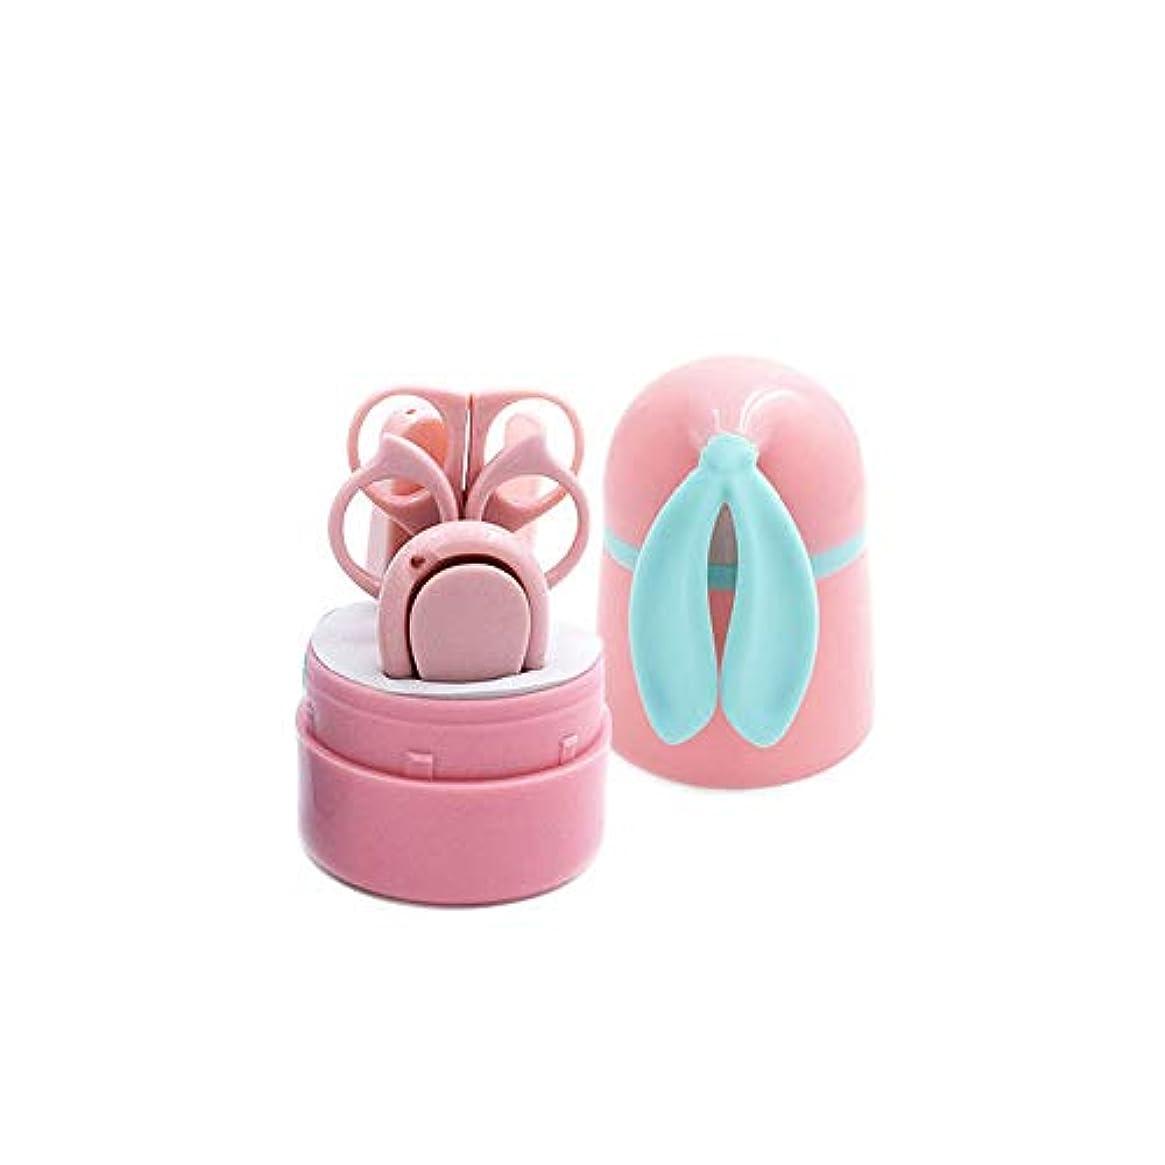 空白資料入り口ベビーネイルクリッパー かわいいバニーの耳はネイルケアマニキュアセット、ピンク、5点セット